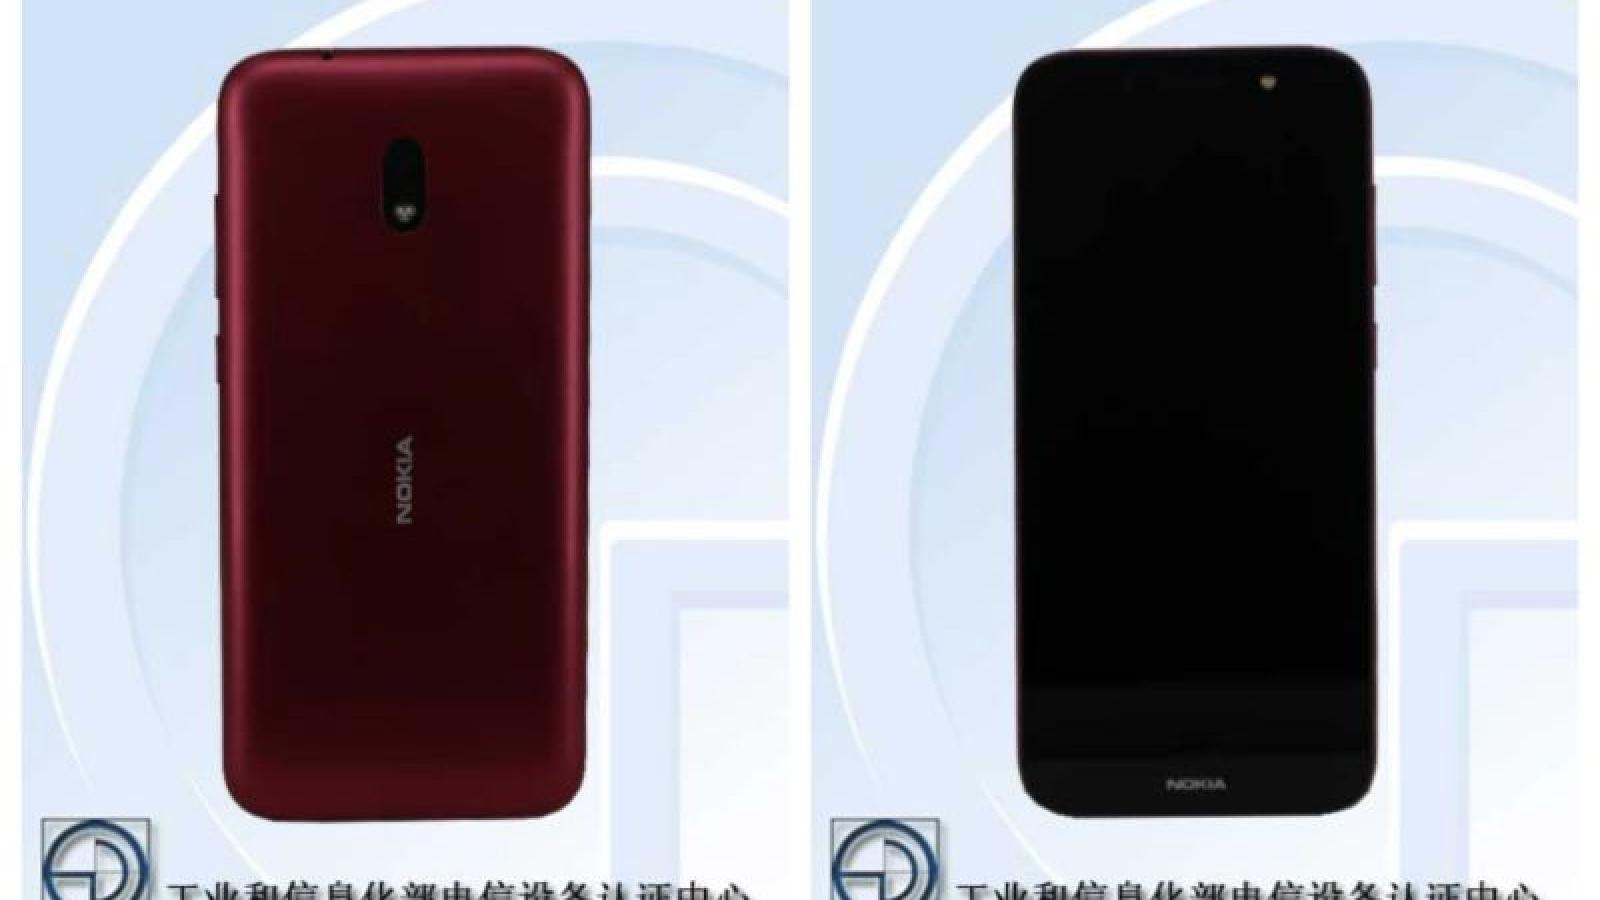 Thêm một smartphone giá rẻ thương hiệu Nokia chuẩn bị trình làng